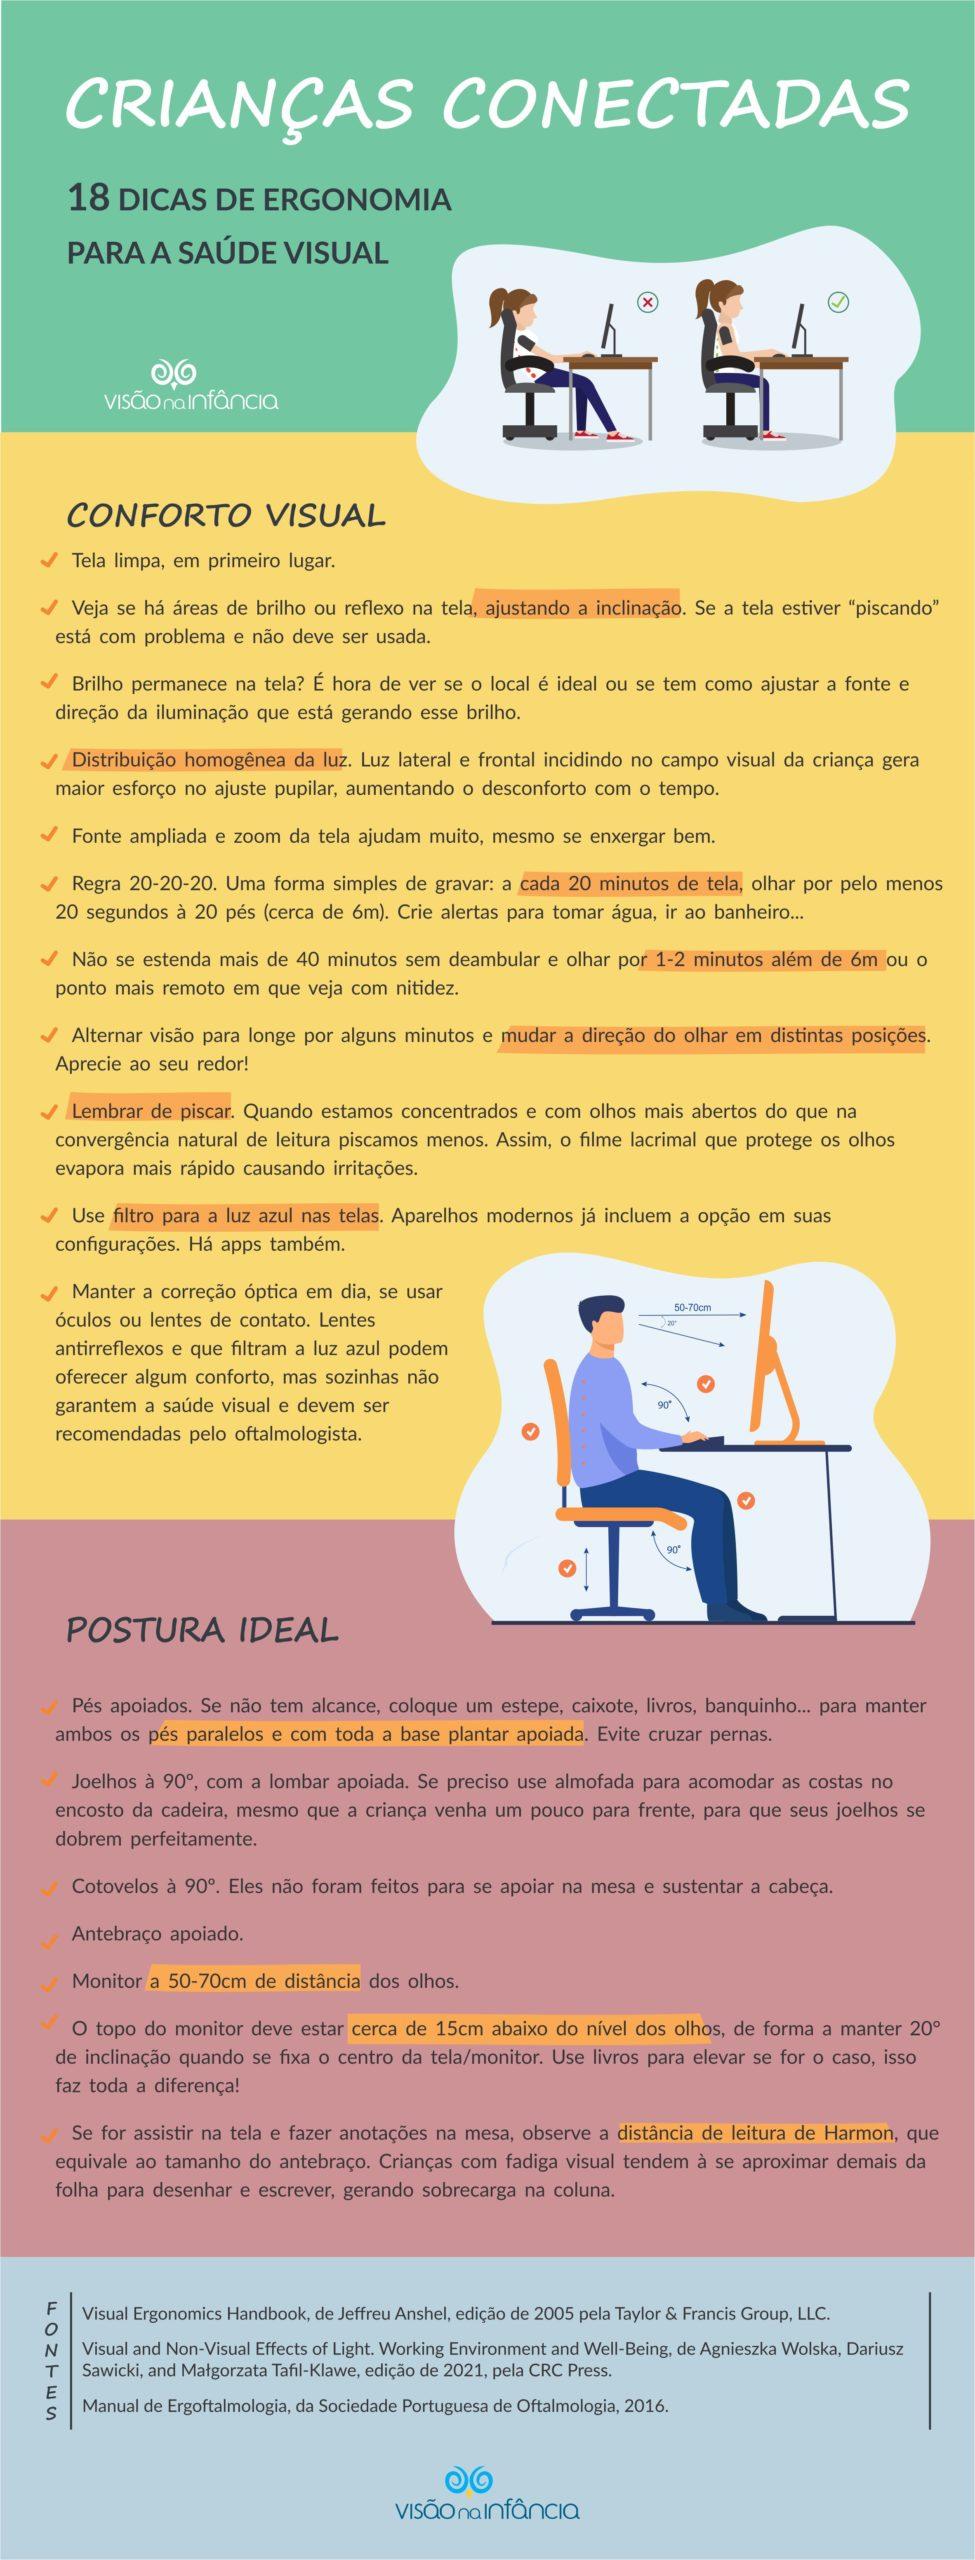 checklist com 18 passos para saúde visual